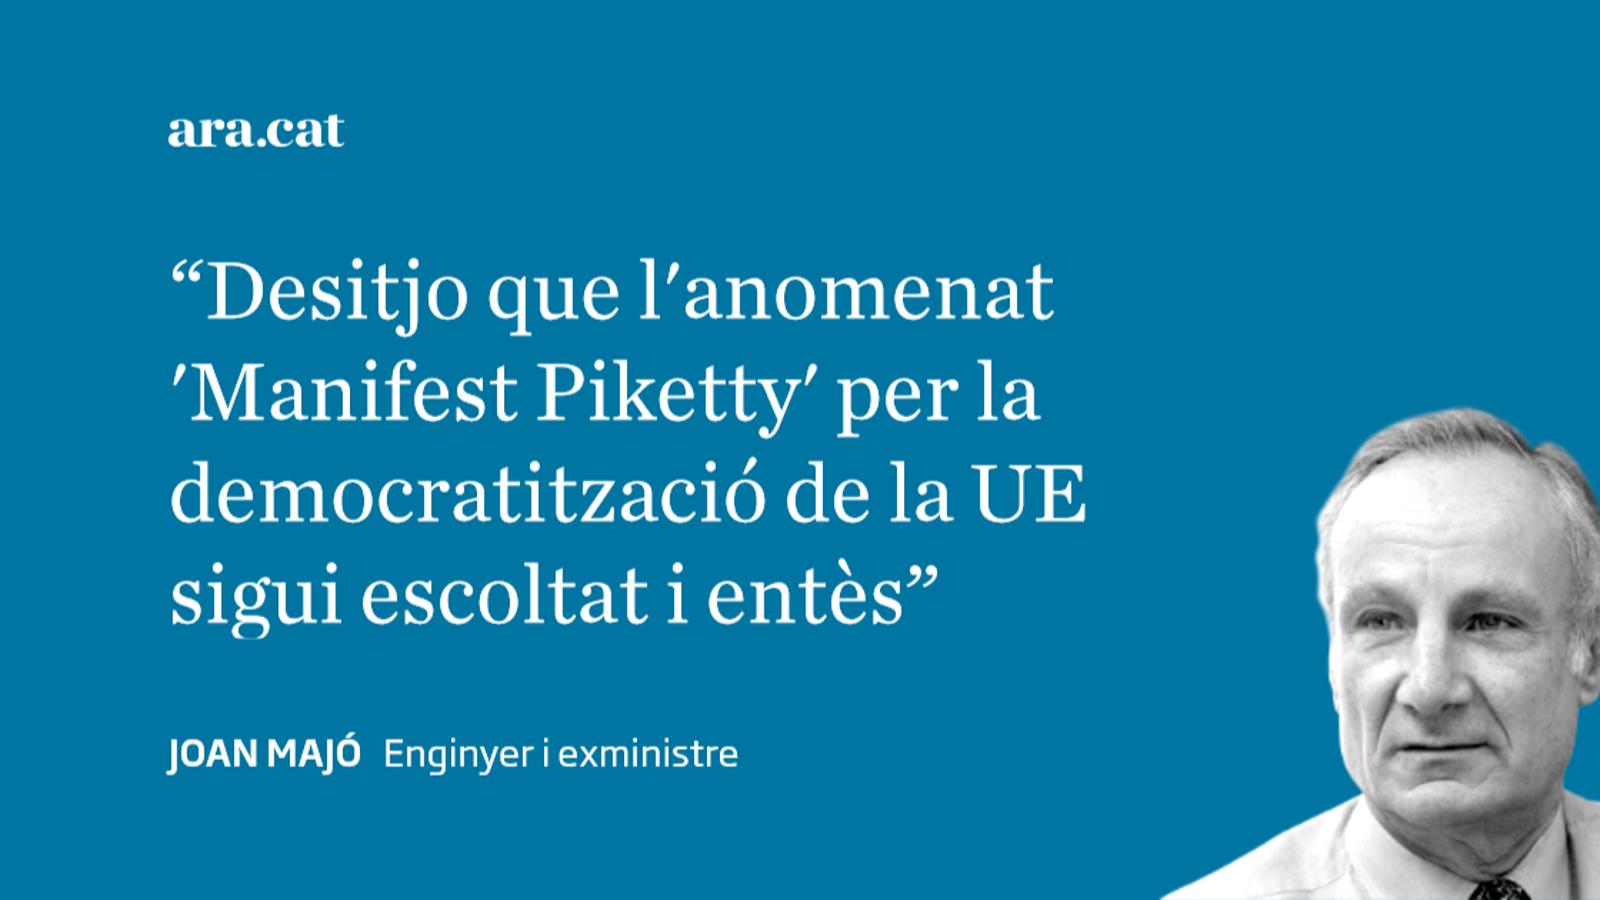 El 'Manifest Piketty' per Europa